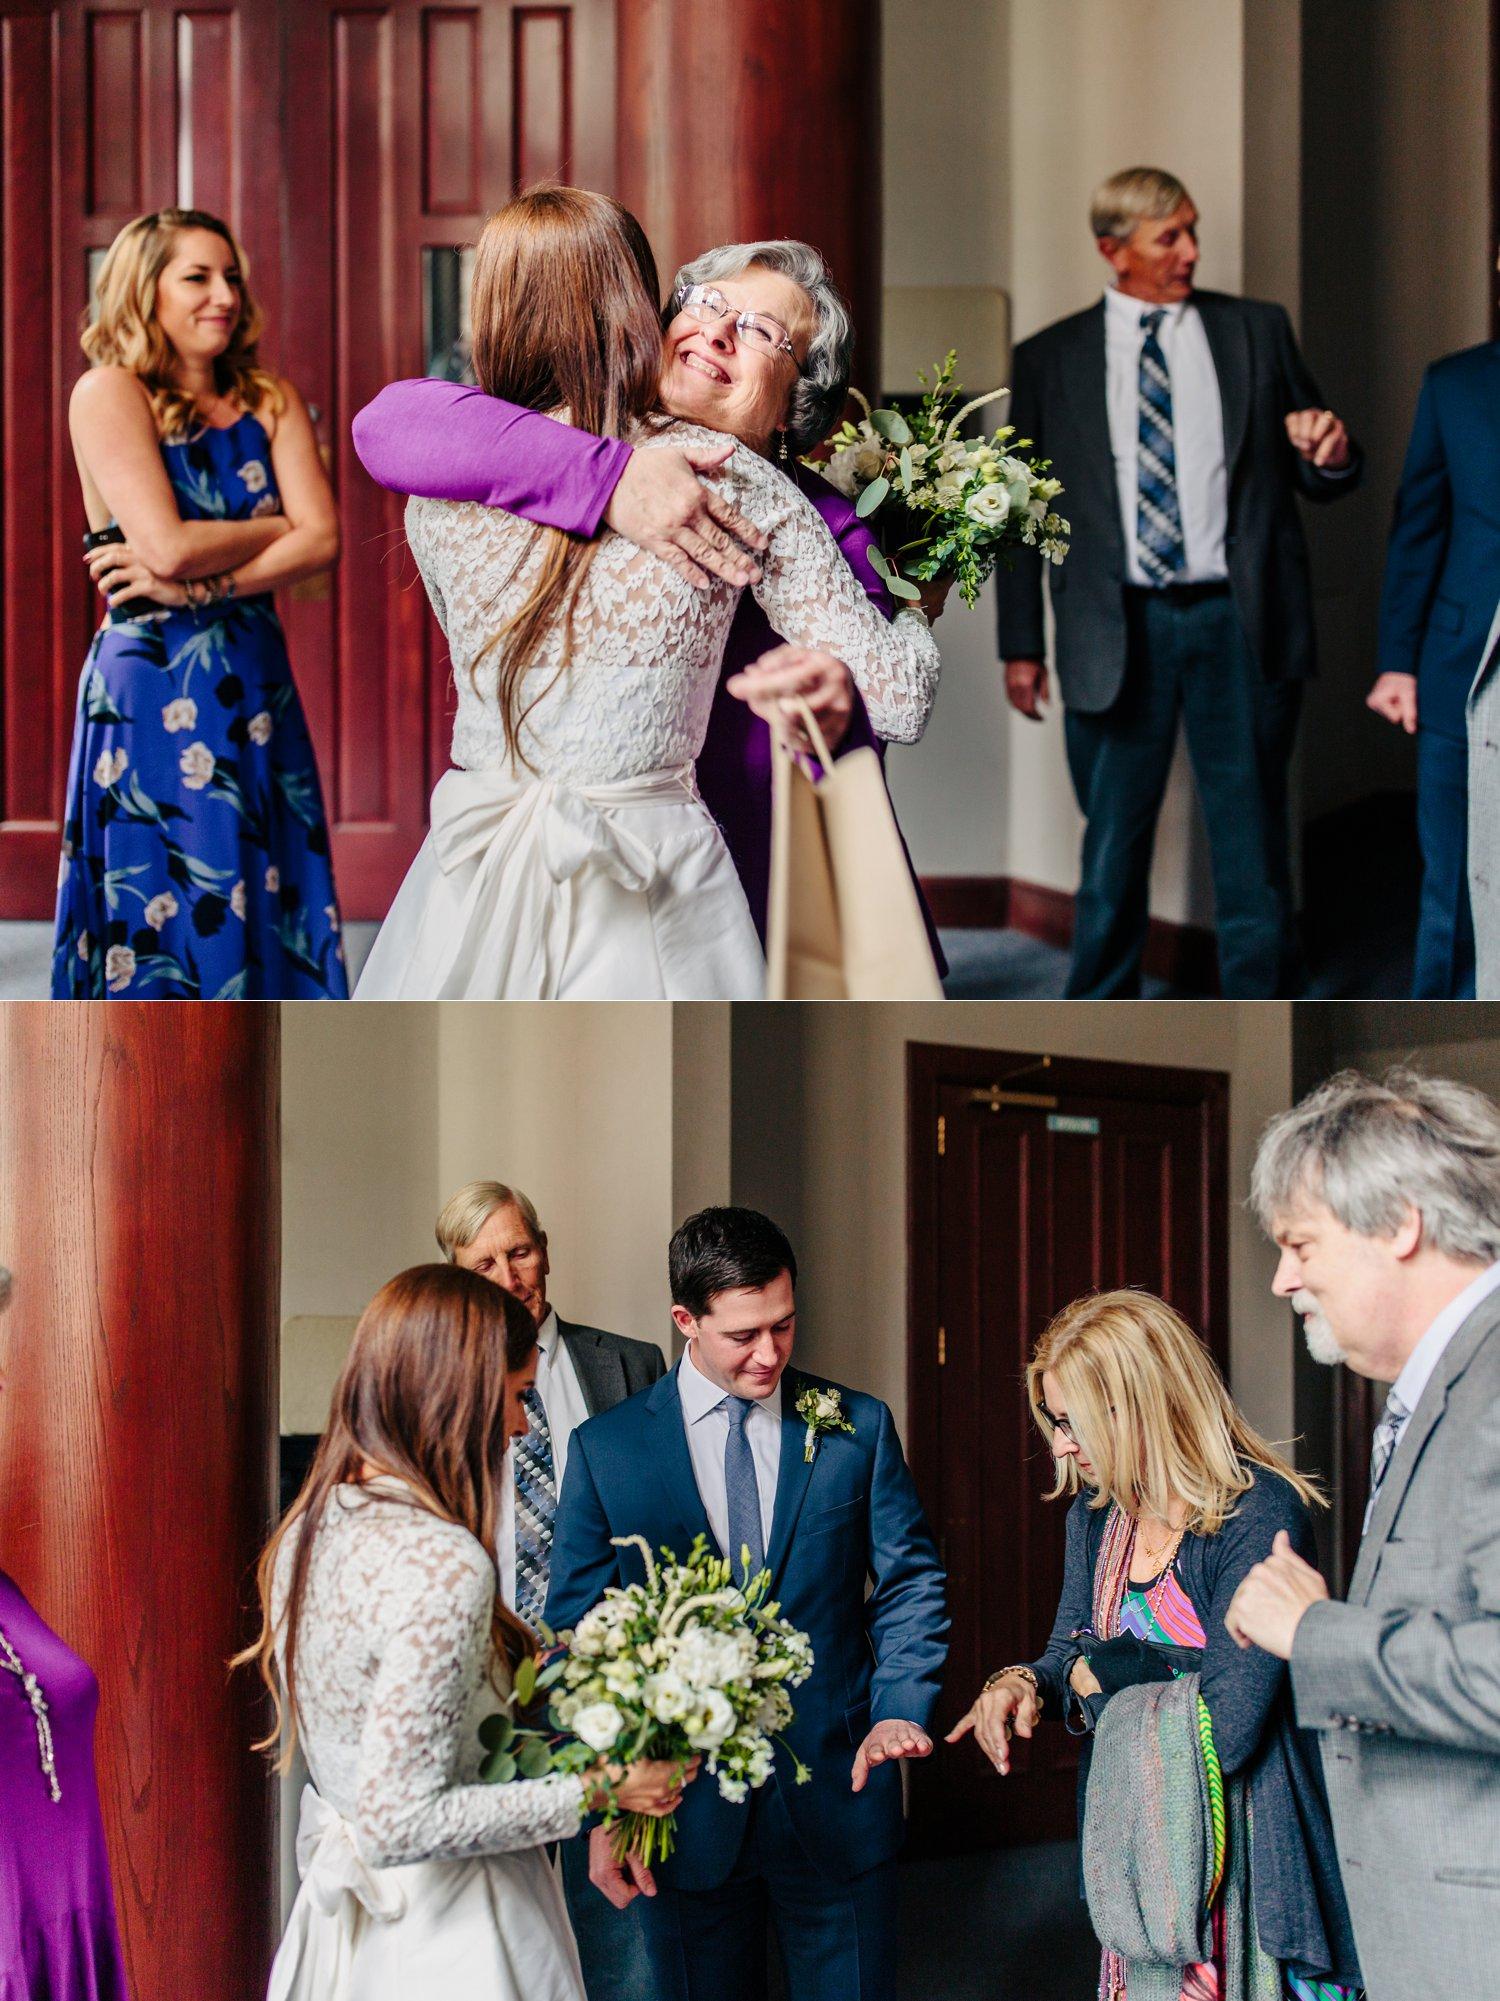 CK-Photo-scarritt-bennett-wedding_0010.jpg